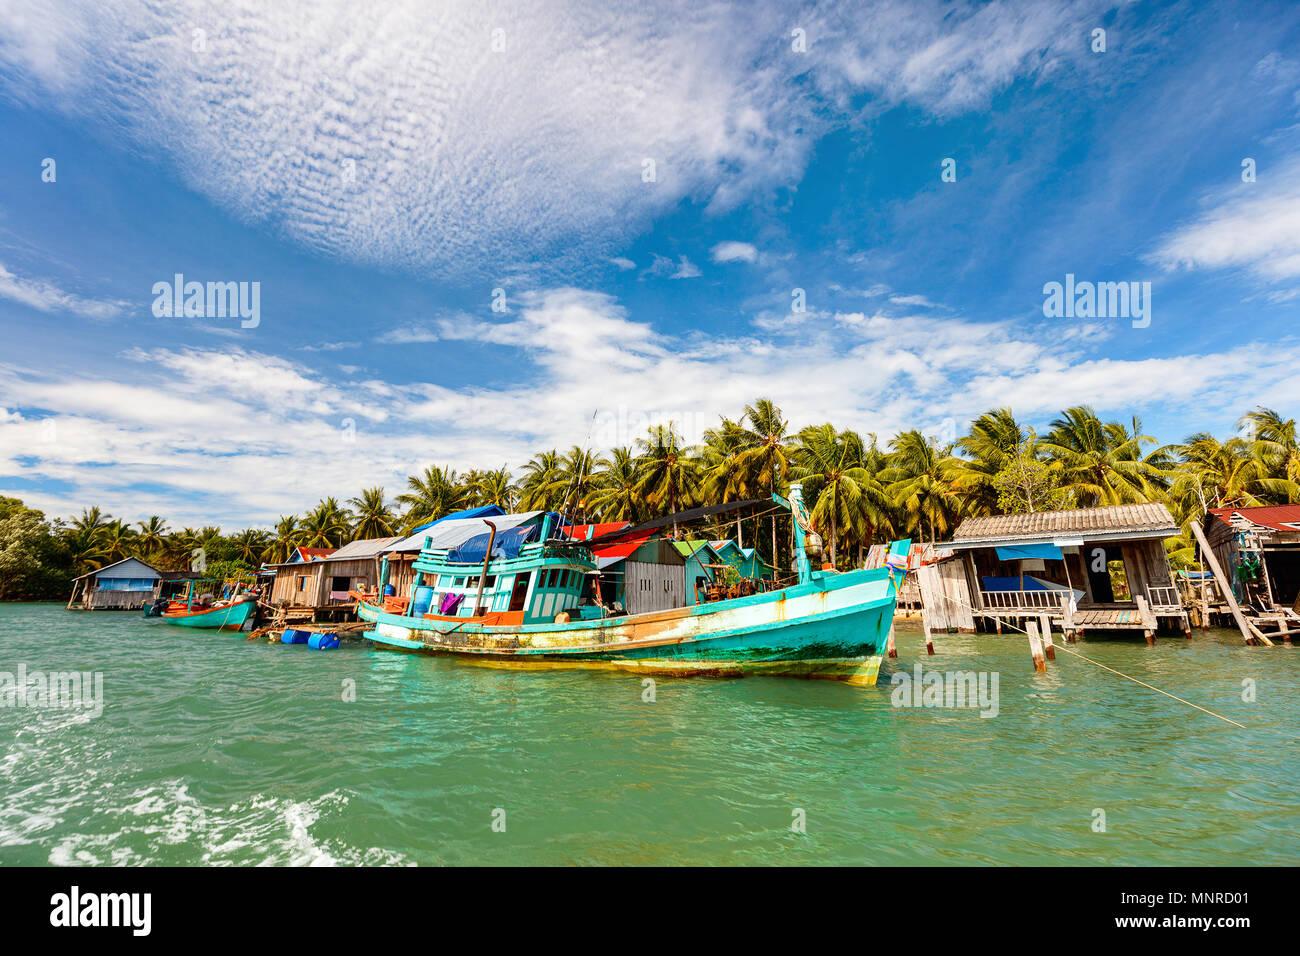 Tradizionale villaggio galleggiante di Koh Rong isola in Cambogia Immagini Stock